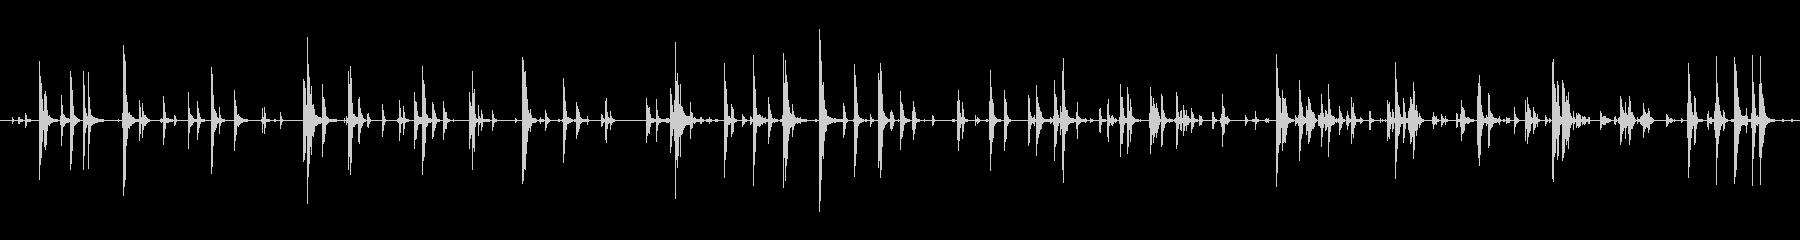 家庭 カップガラガラジングル01の未再生の波形